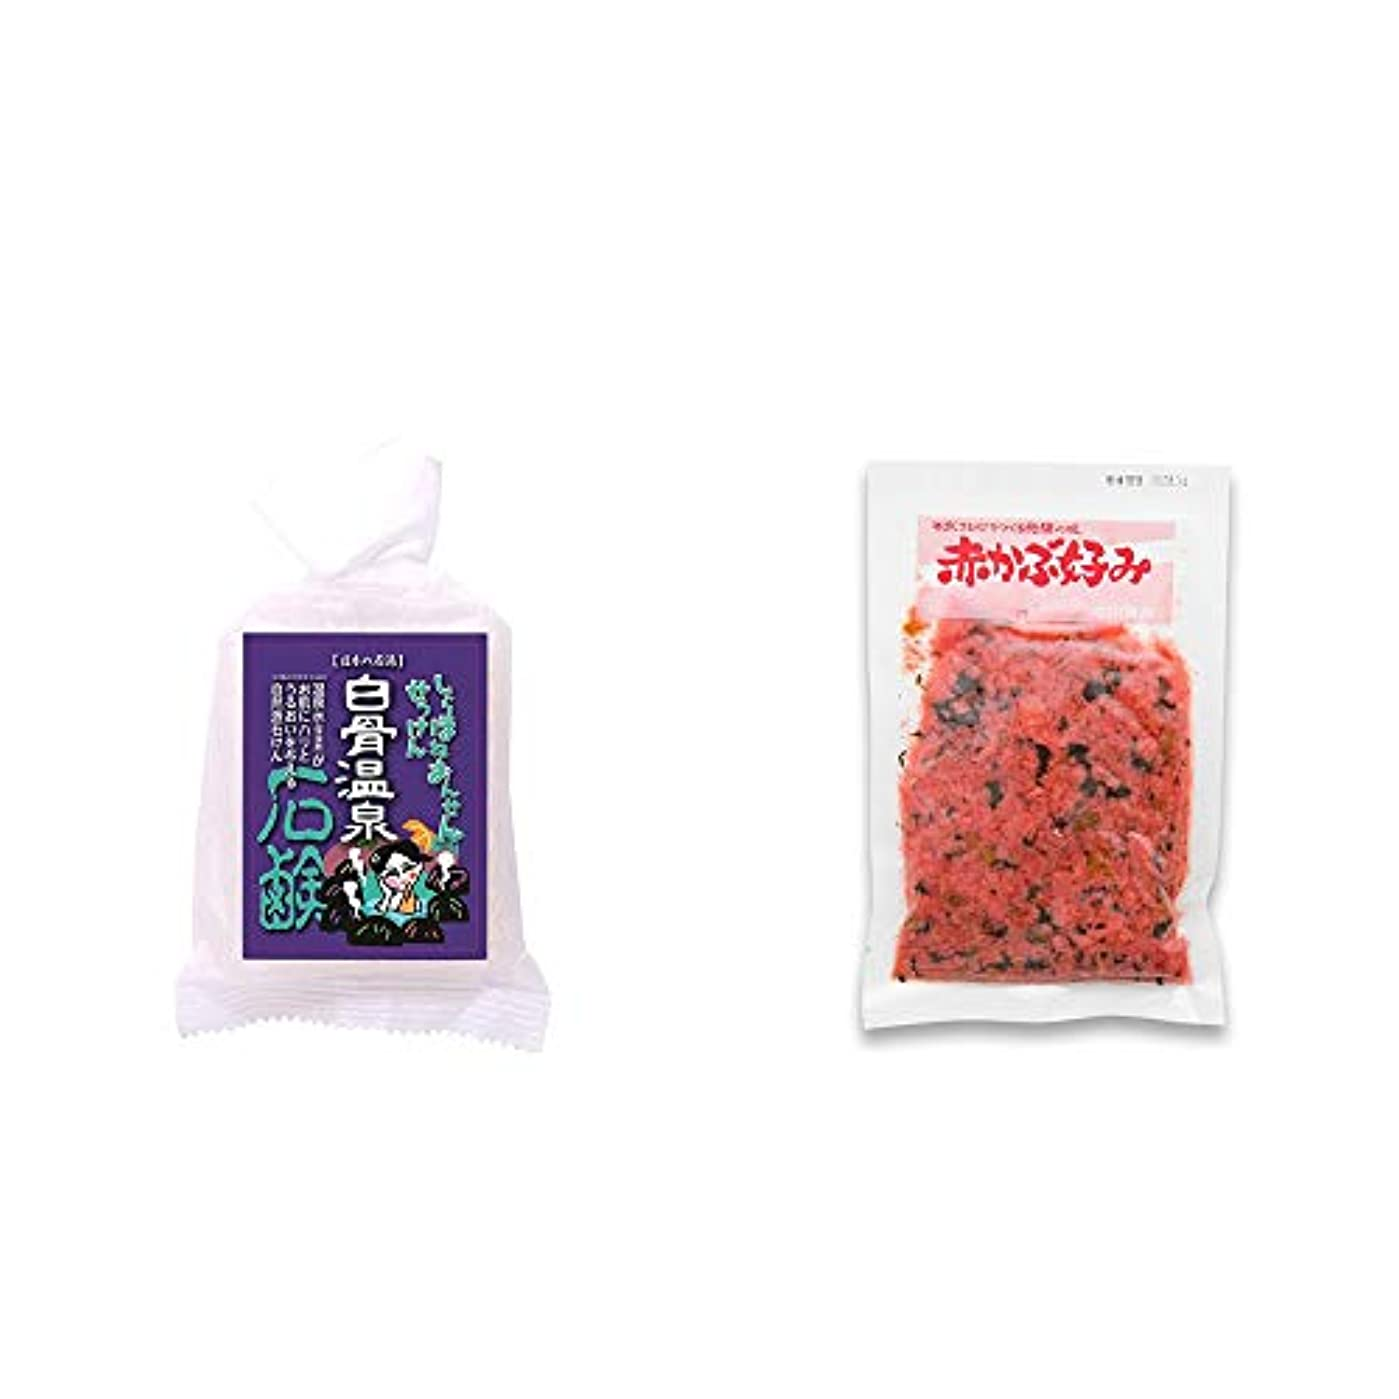 不格好ハチスツール[2点セット] 信州 白骨温泉石鹸(80g)?赤かぶ好み(150g)